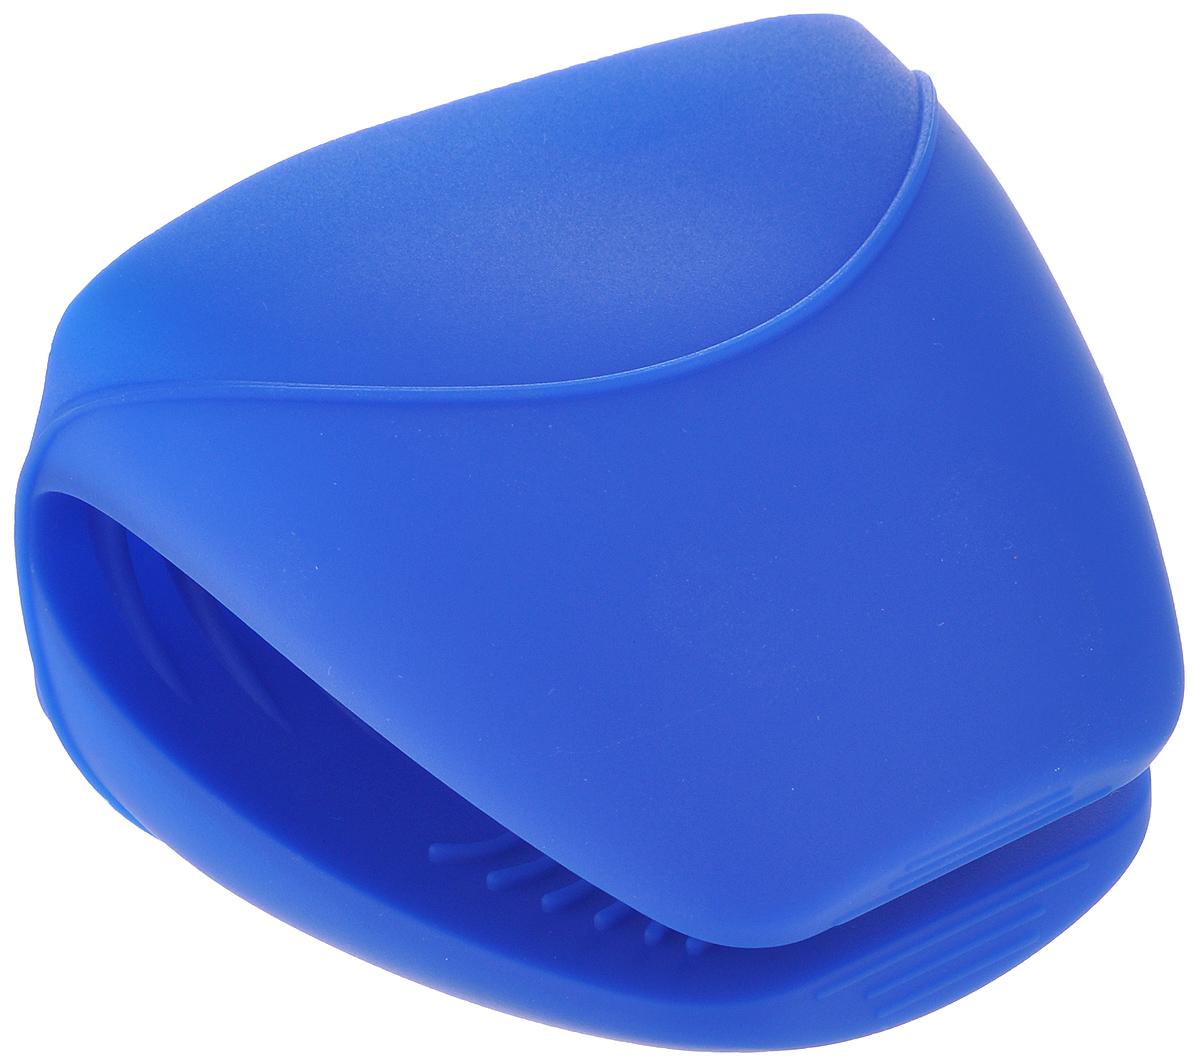 Прихватка Sagaform, цвет: синийVT-1520(SR)Прихватка Sagaform изготовлена из высококачественного силикона и предназначена для защиты рук от ожогов во время приготовления пищи. Она станет отличным украшением кухни или замечательным подарком знакомому кулинару.С помощью прихватки Sagaform можно доставать горячие блюда из духовки, не боясь обжечься. Прихватка выдерживает высокие температуры (от -40°С до +240°С), а качественный материал служит залогом длительный службы изделия.Рифленая поверхность прихватки препятствует выскальзыванию предметов из рук, а яркая расцветка поднимает настроение. Можно мыть в посудомоечной машине.